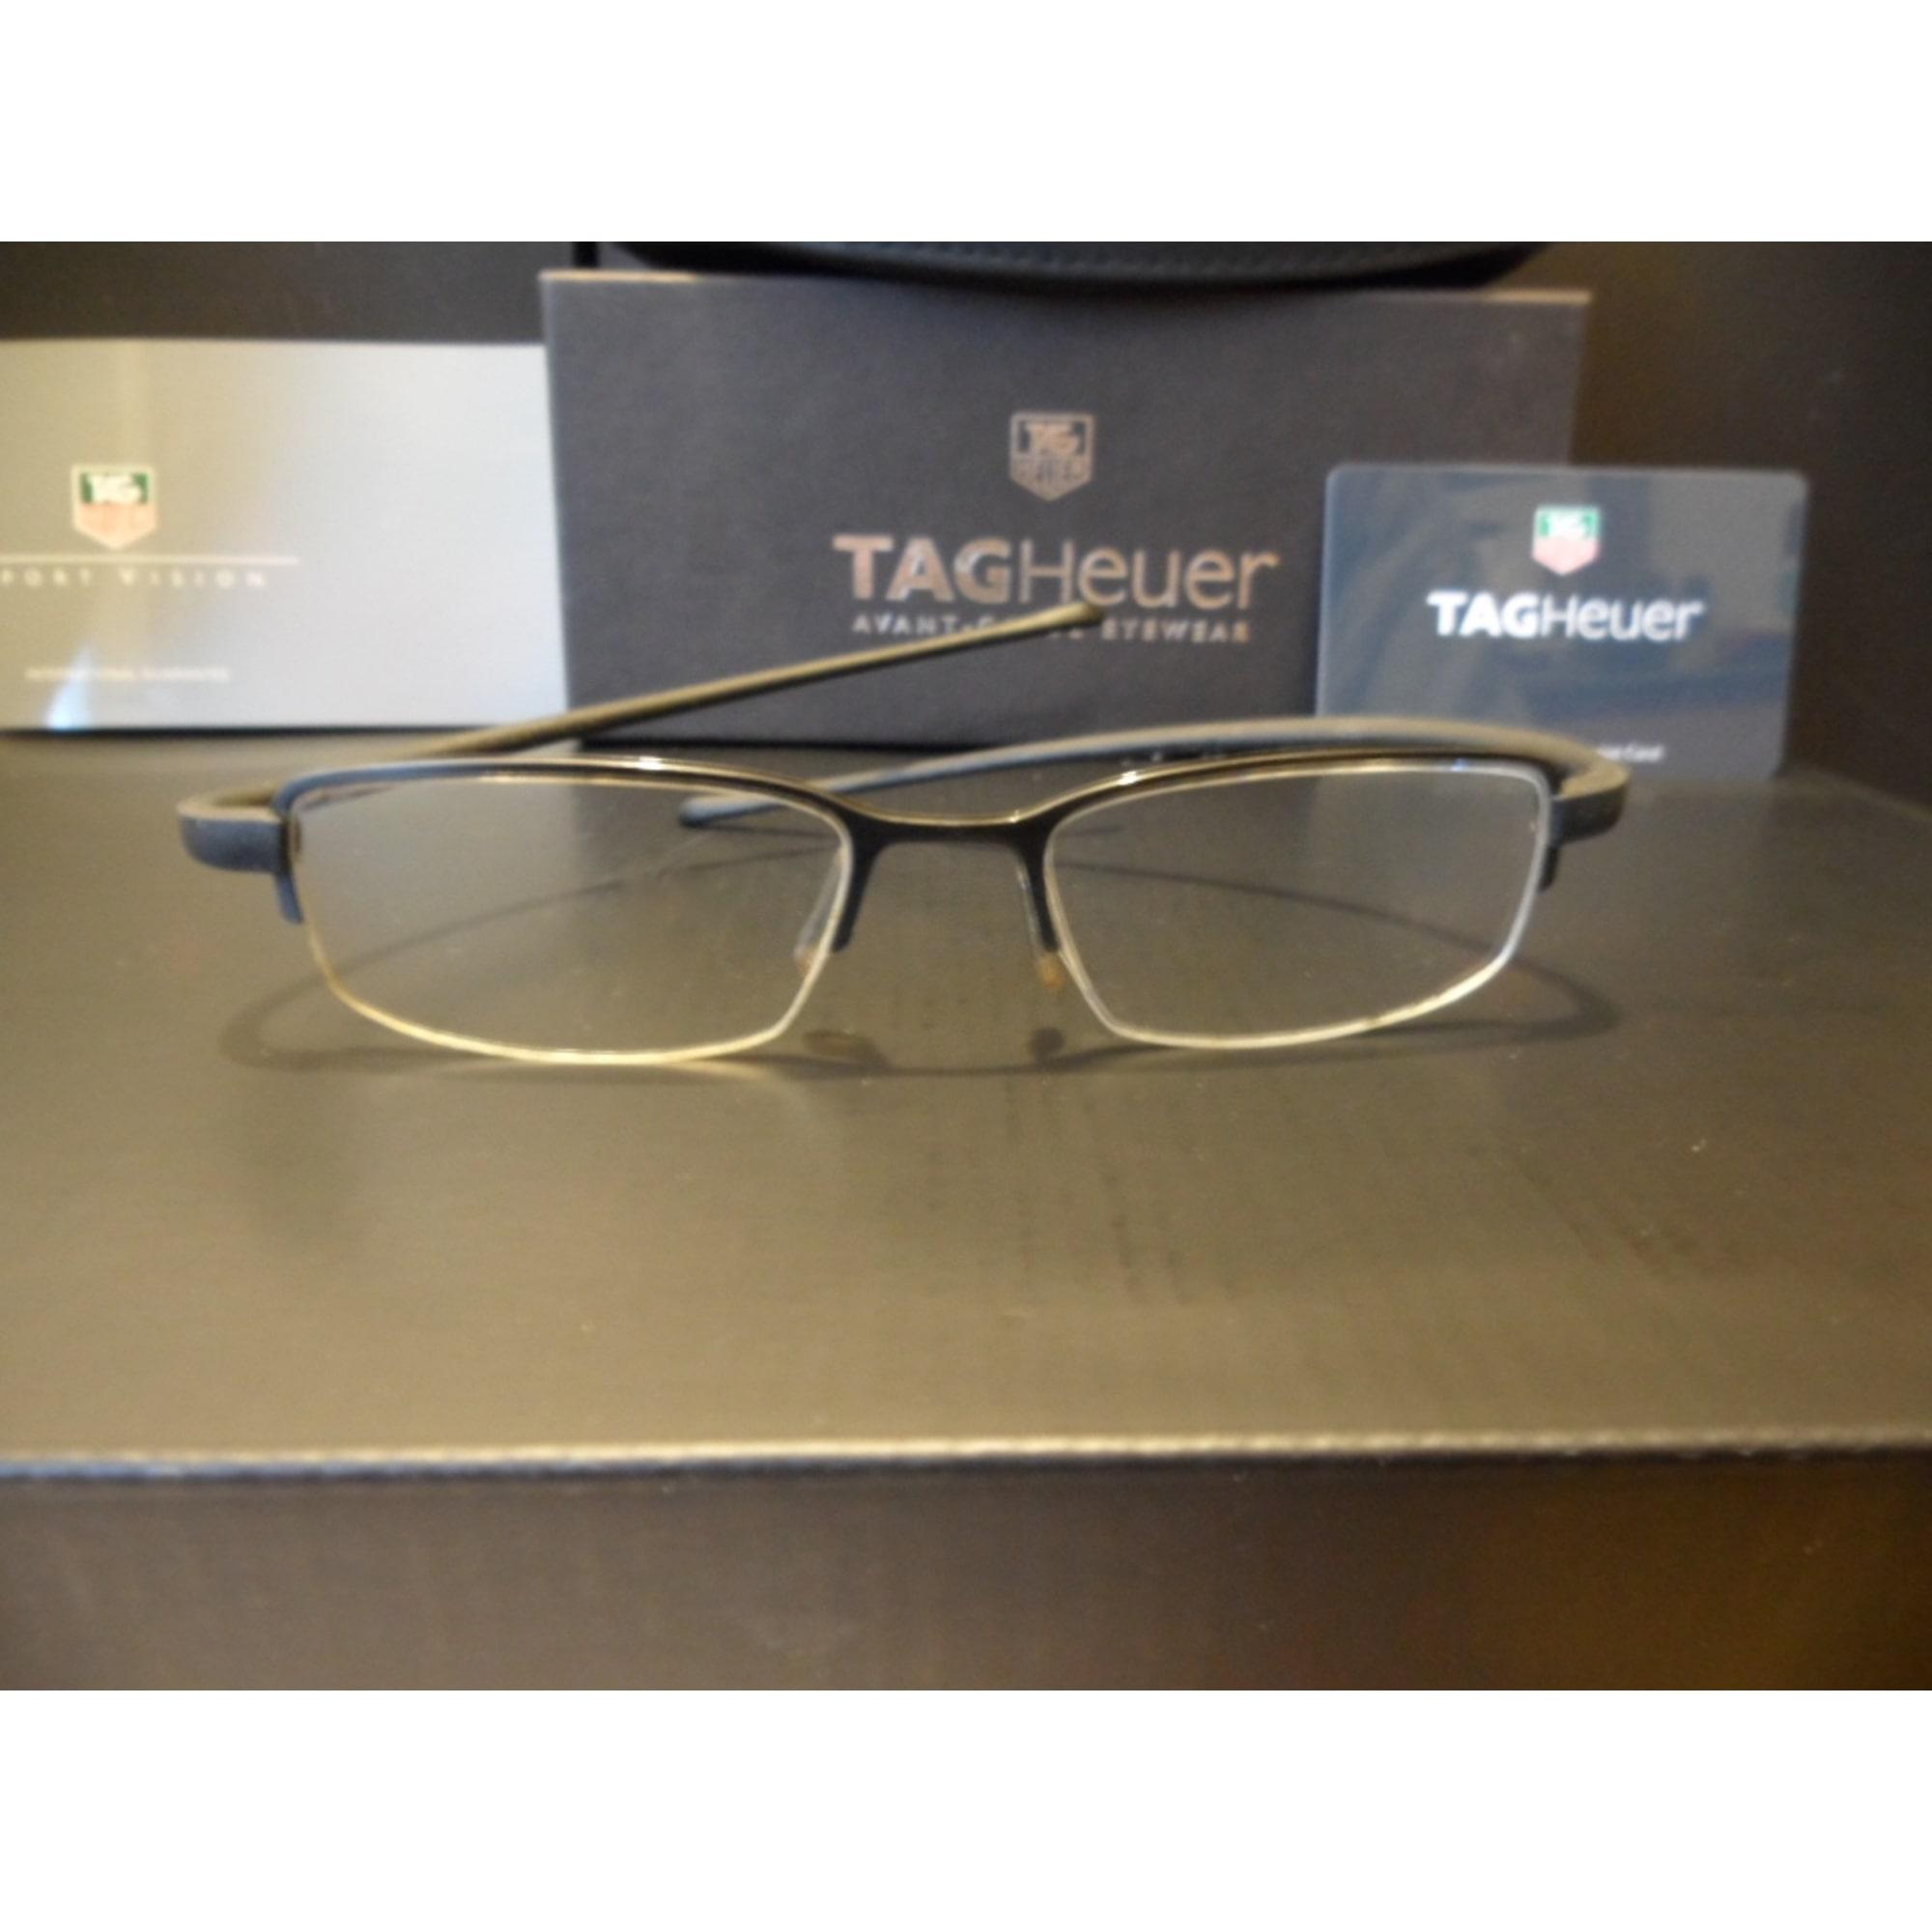 Monture de lunettes TAG HEUER noir vendu par Loews - 3557804 ddfc662e4ca2